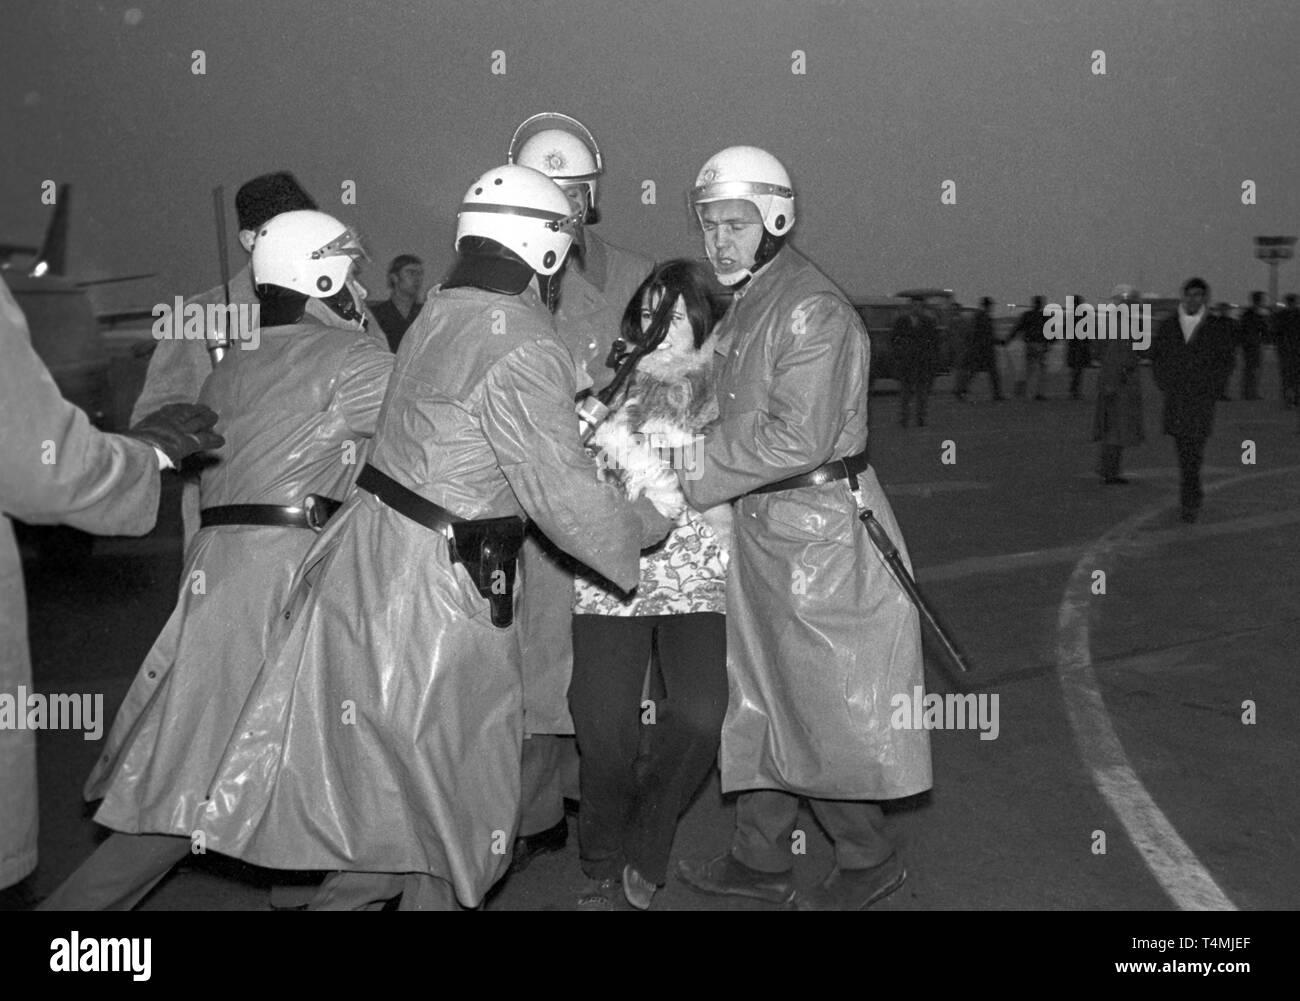 Empuje Policement adolescentes de la plataforma del aeropuerto. Los dirigentes estudiantiles de Daniel Cohn-Bendit y Karl Dietrich Wollf y un grupo grande de adolescentes quería dar la bienvenida a la Pantera Negra líder 'Big Man' en el aeropuerto de Fráncfort del Meno, el 13 de diciembre de 1969. Los adolescentes, que lo hizo a la plataforma del aeropuerto, fueron rodeadas por la policía y postergó hasta el edificio del aeropuerto, 18 personas fueron detenidas temporalmente debido a una reyerta. Gran hombre había sido enviado de vuelta a París en el ínterin a causa de una prohibición de entrada. Uso | en todo el mundo Foto de stock